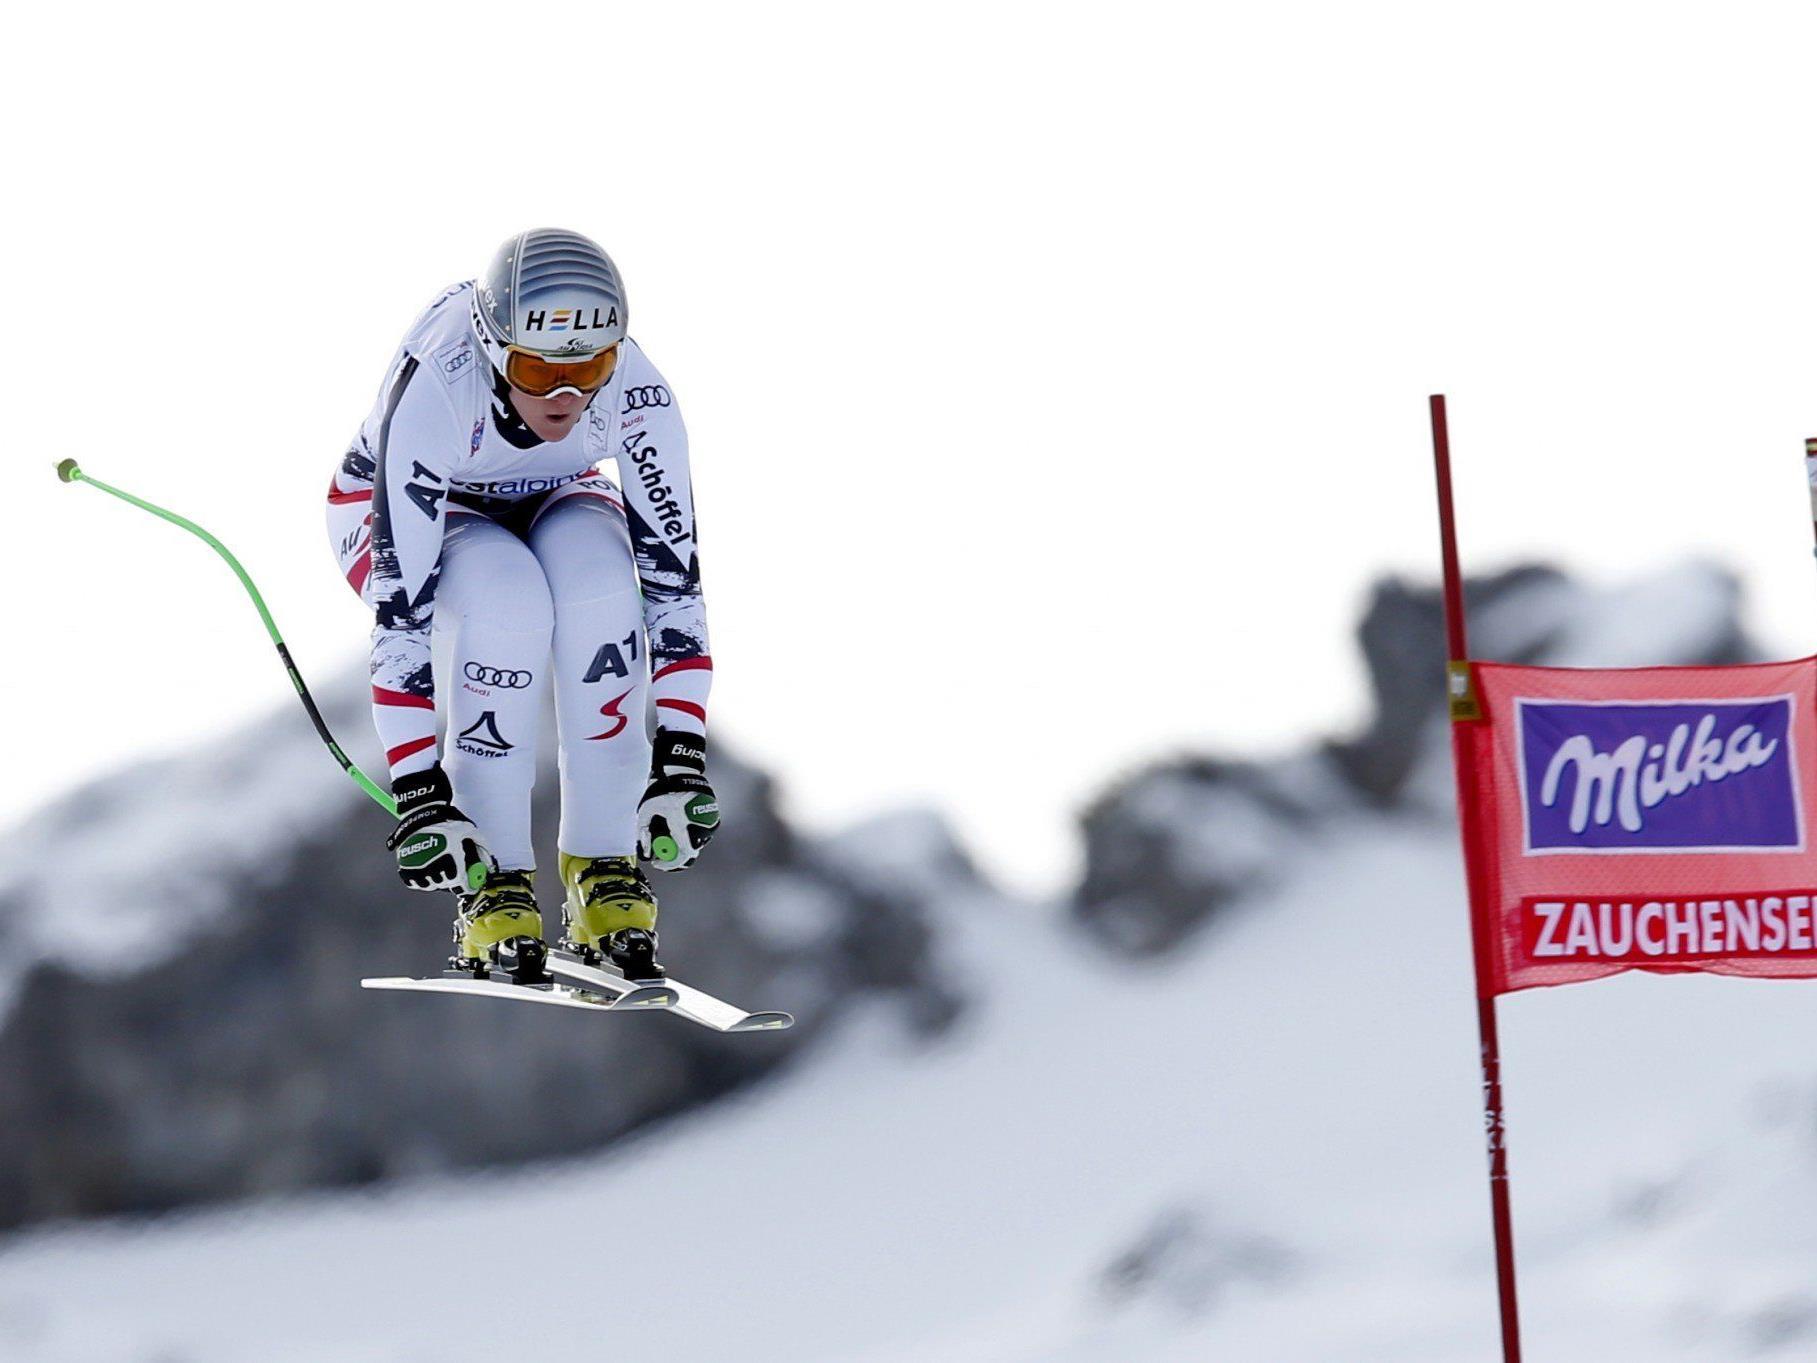 Höfl-Riesch größte Konkurrentin - Fenninger kann Slalomperformance nicht einschätzen.